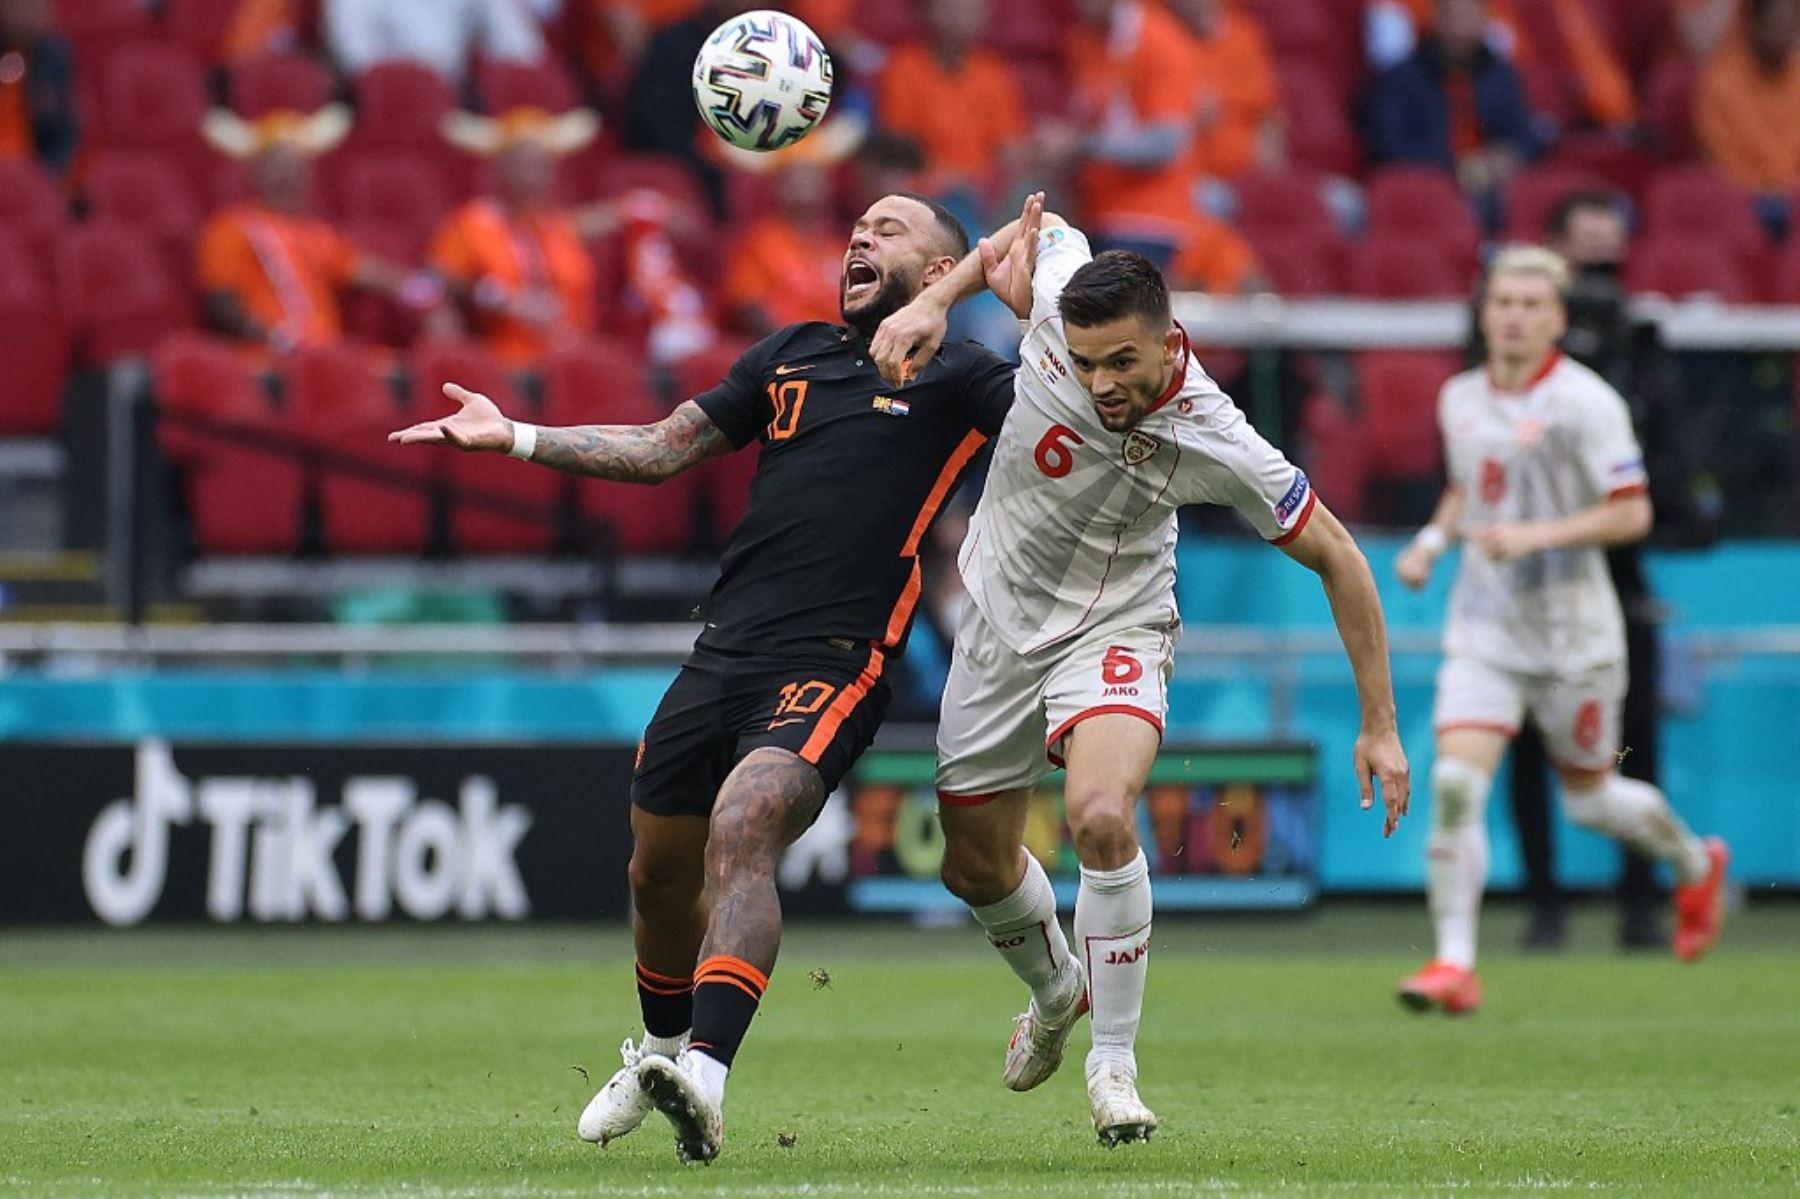 El delantero holandés Memphis Depay (L) compite con el defensor de Macedonia del Norte Visar Musliu durante el partido de fútbol del Grupo C de la UEFA EURO 2020 entre Macedonia del Norte y Holanda en el Johan Cruyff Arena en Ámsterdam el 21 de junio de 2021. Foto: AFP